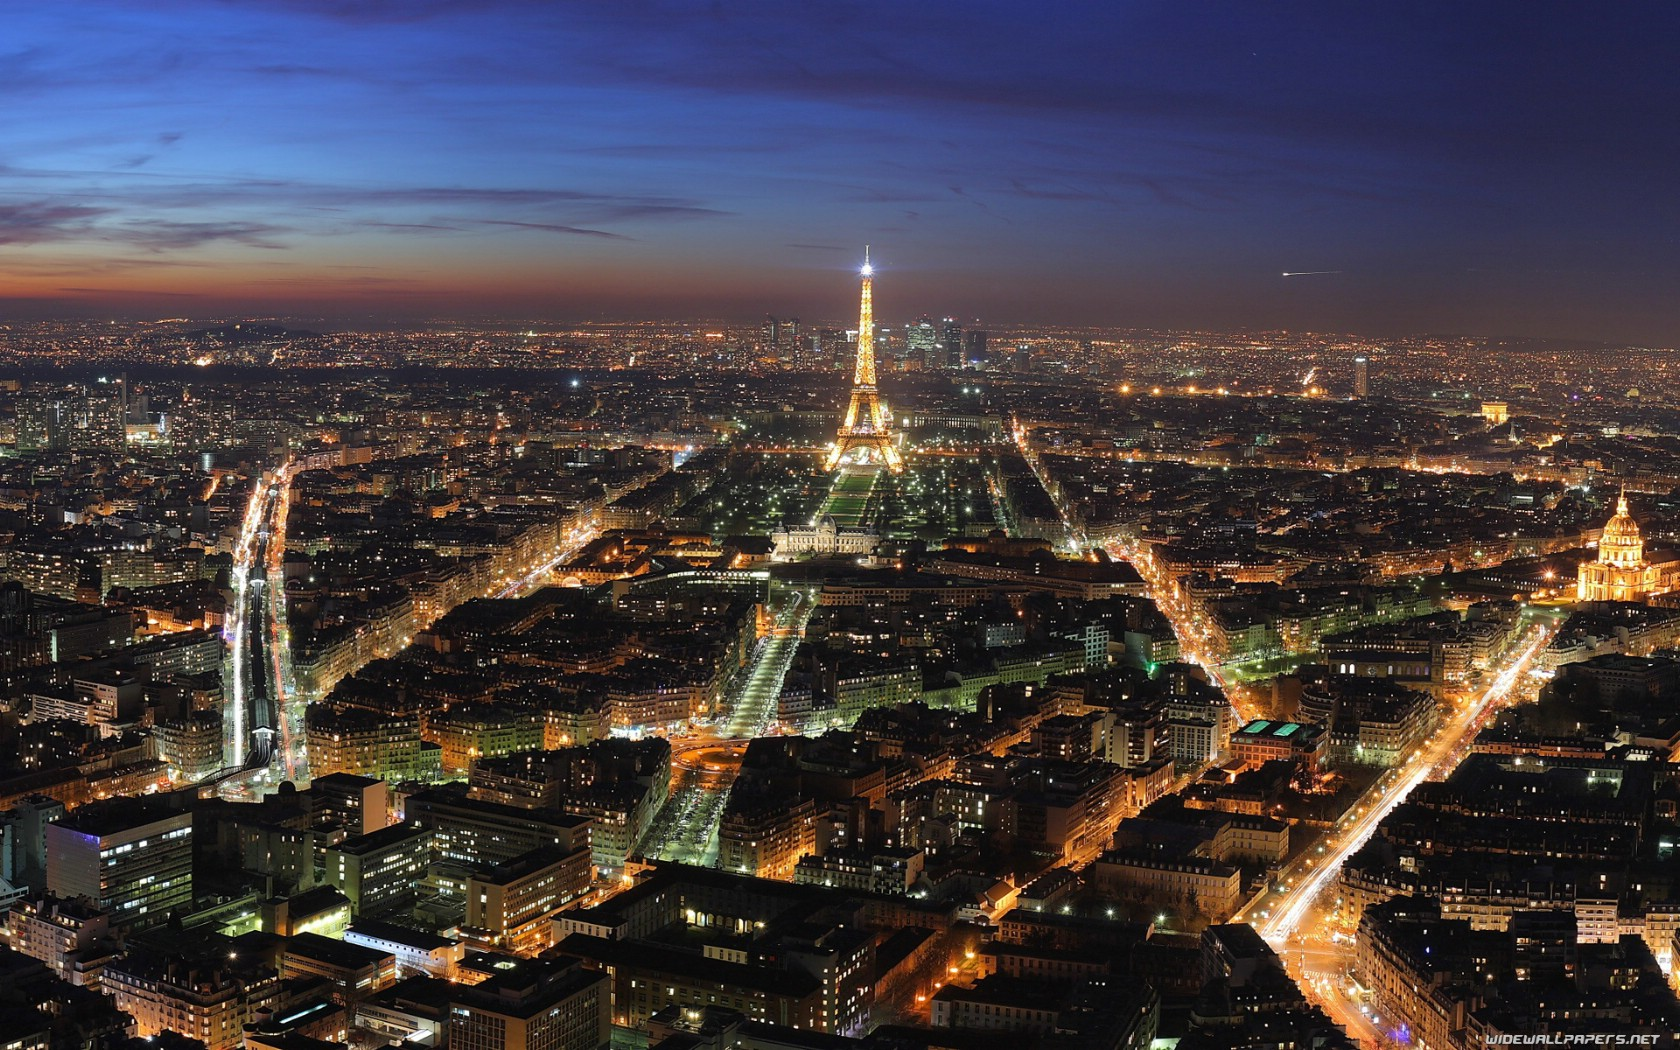 巴黎城市摄影风光win7高清电脑桌面主题壁纸高